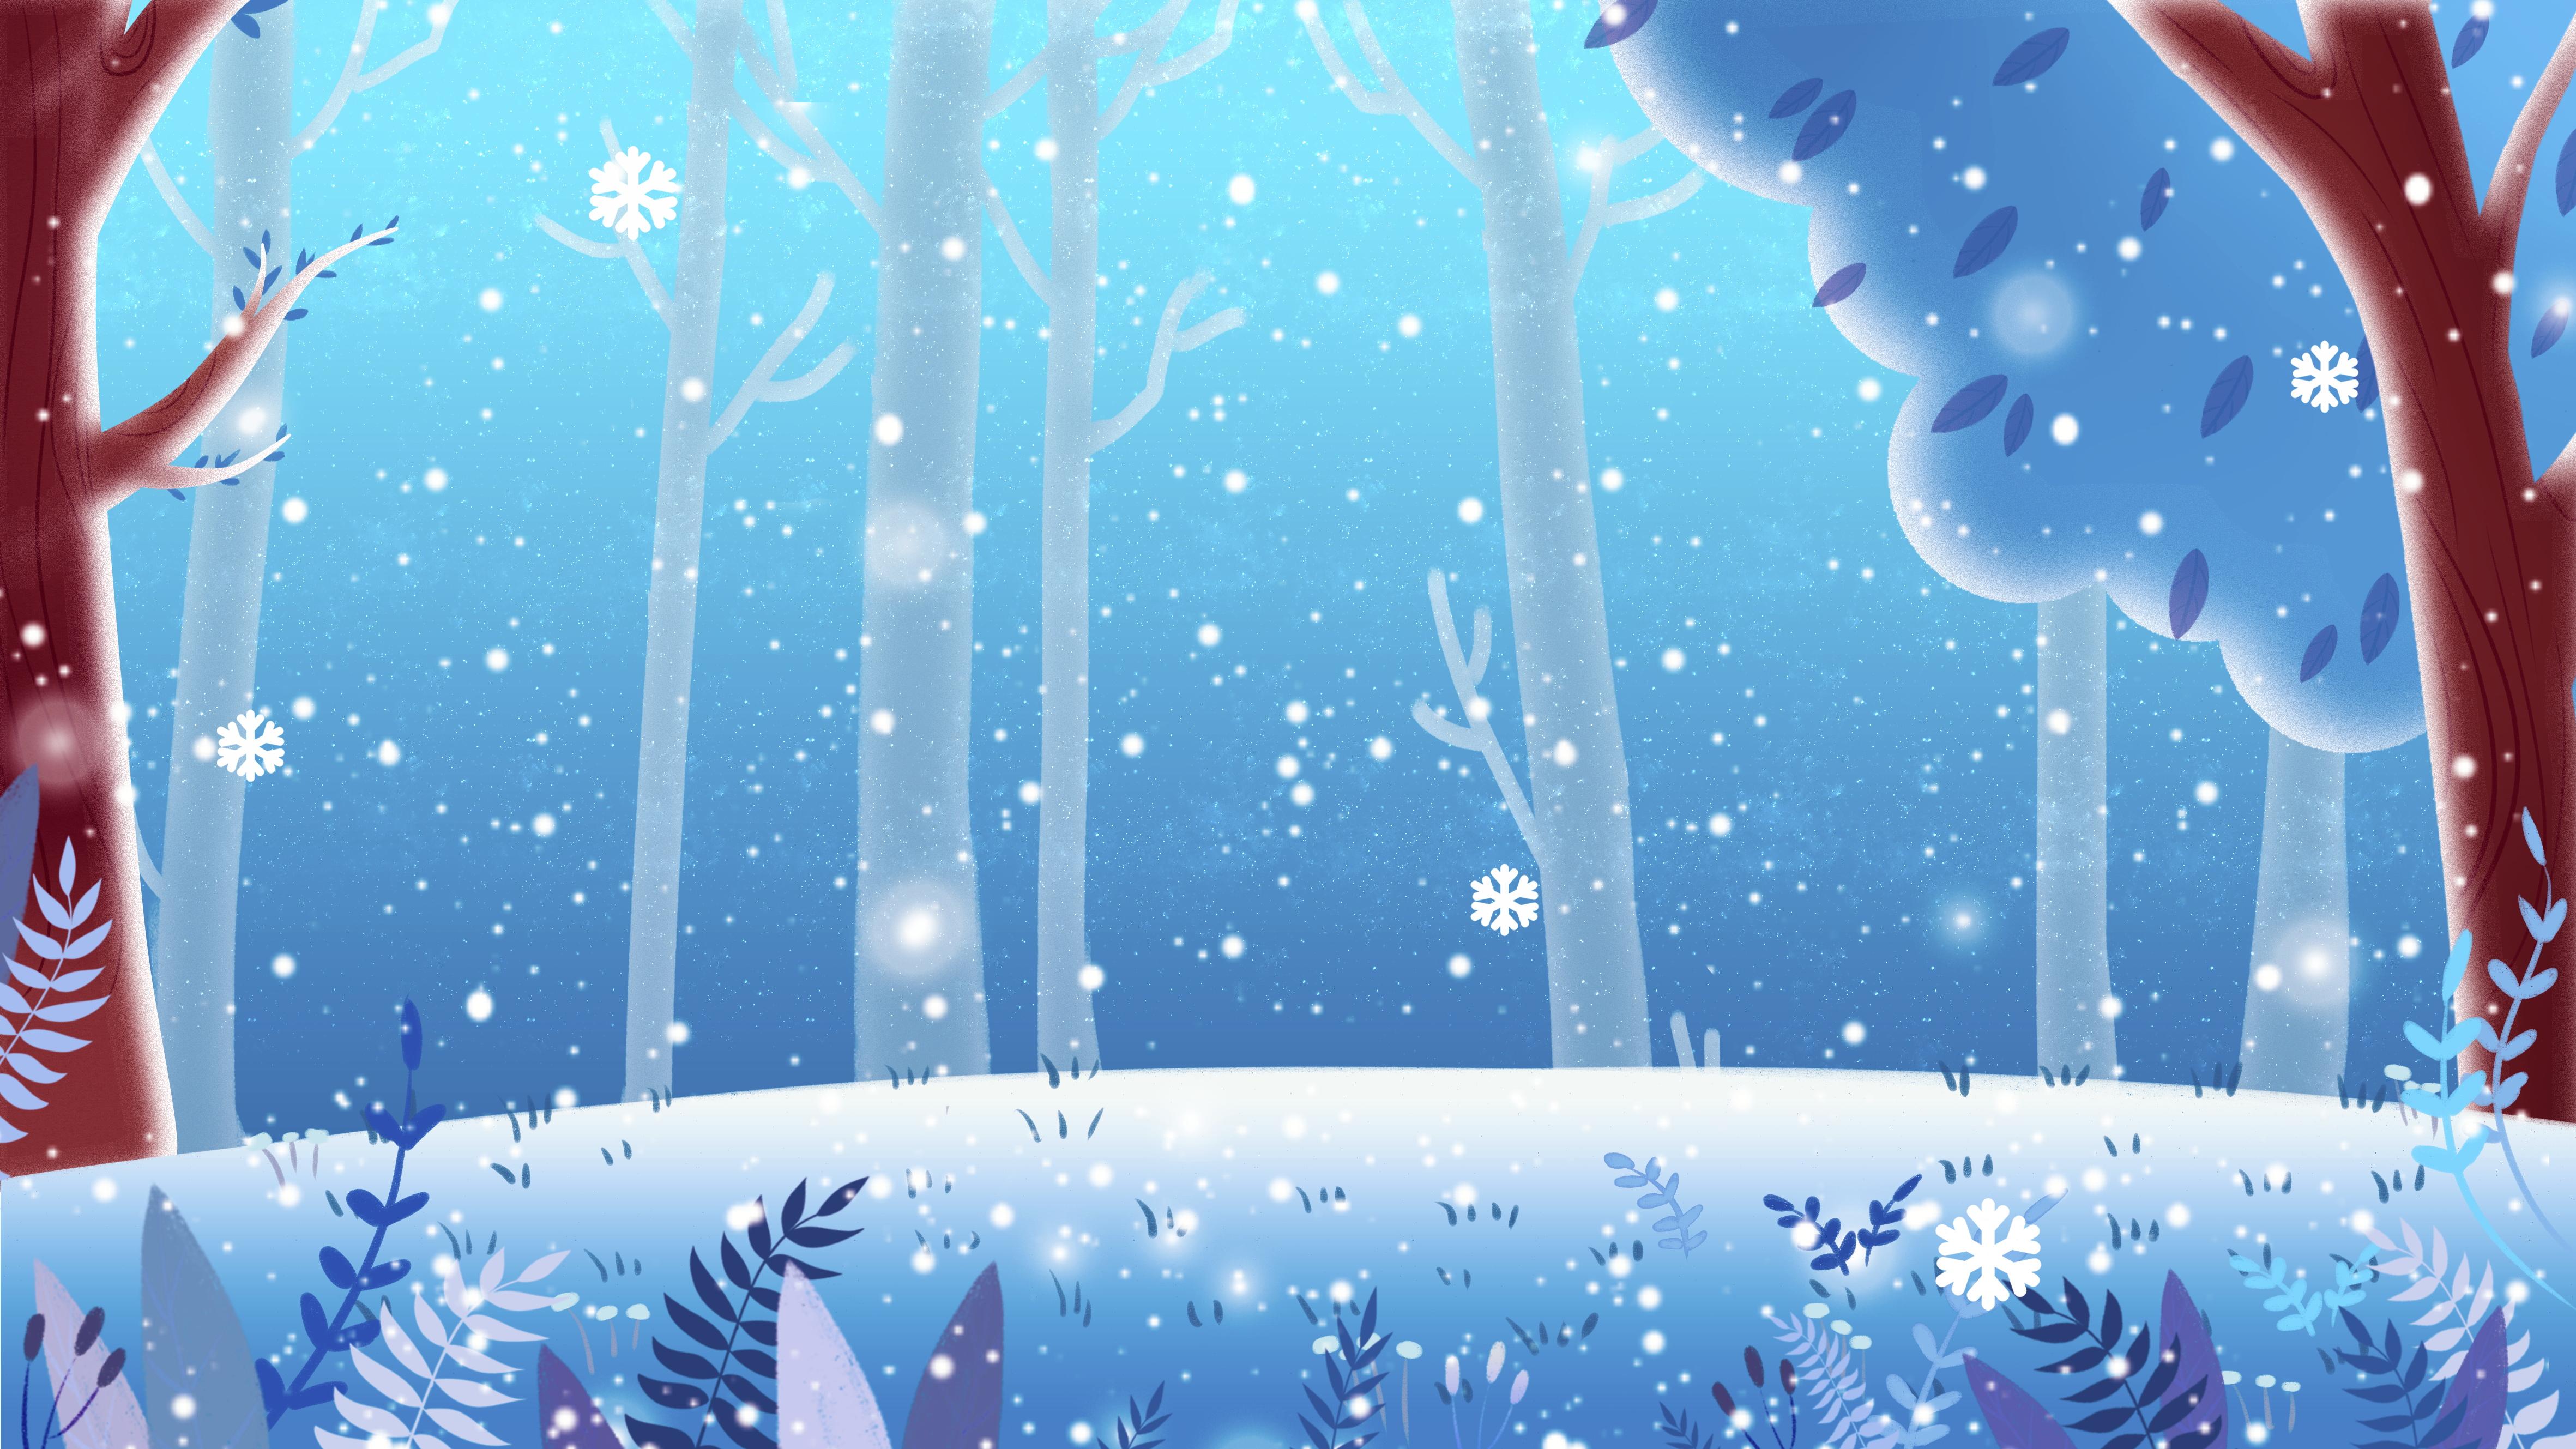 Картинка зимний лес мультяшная